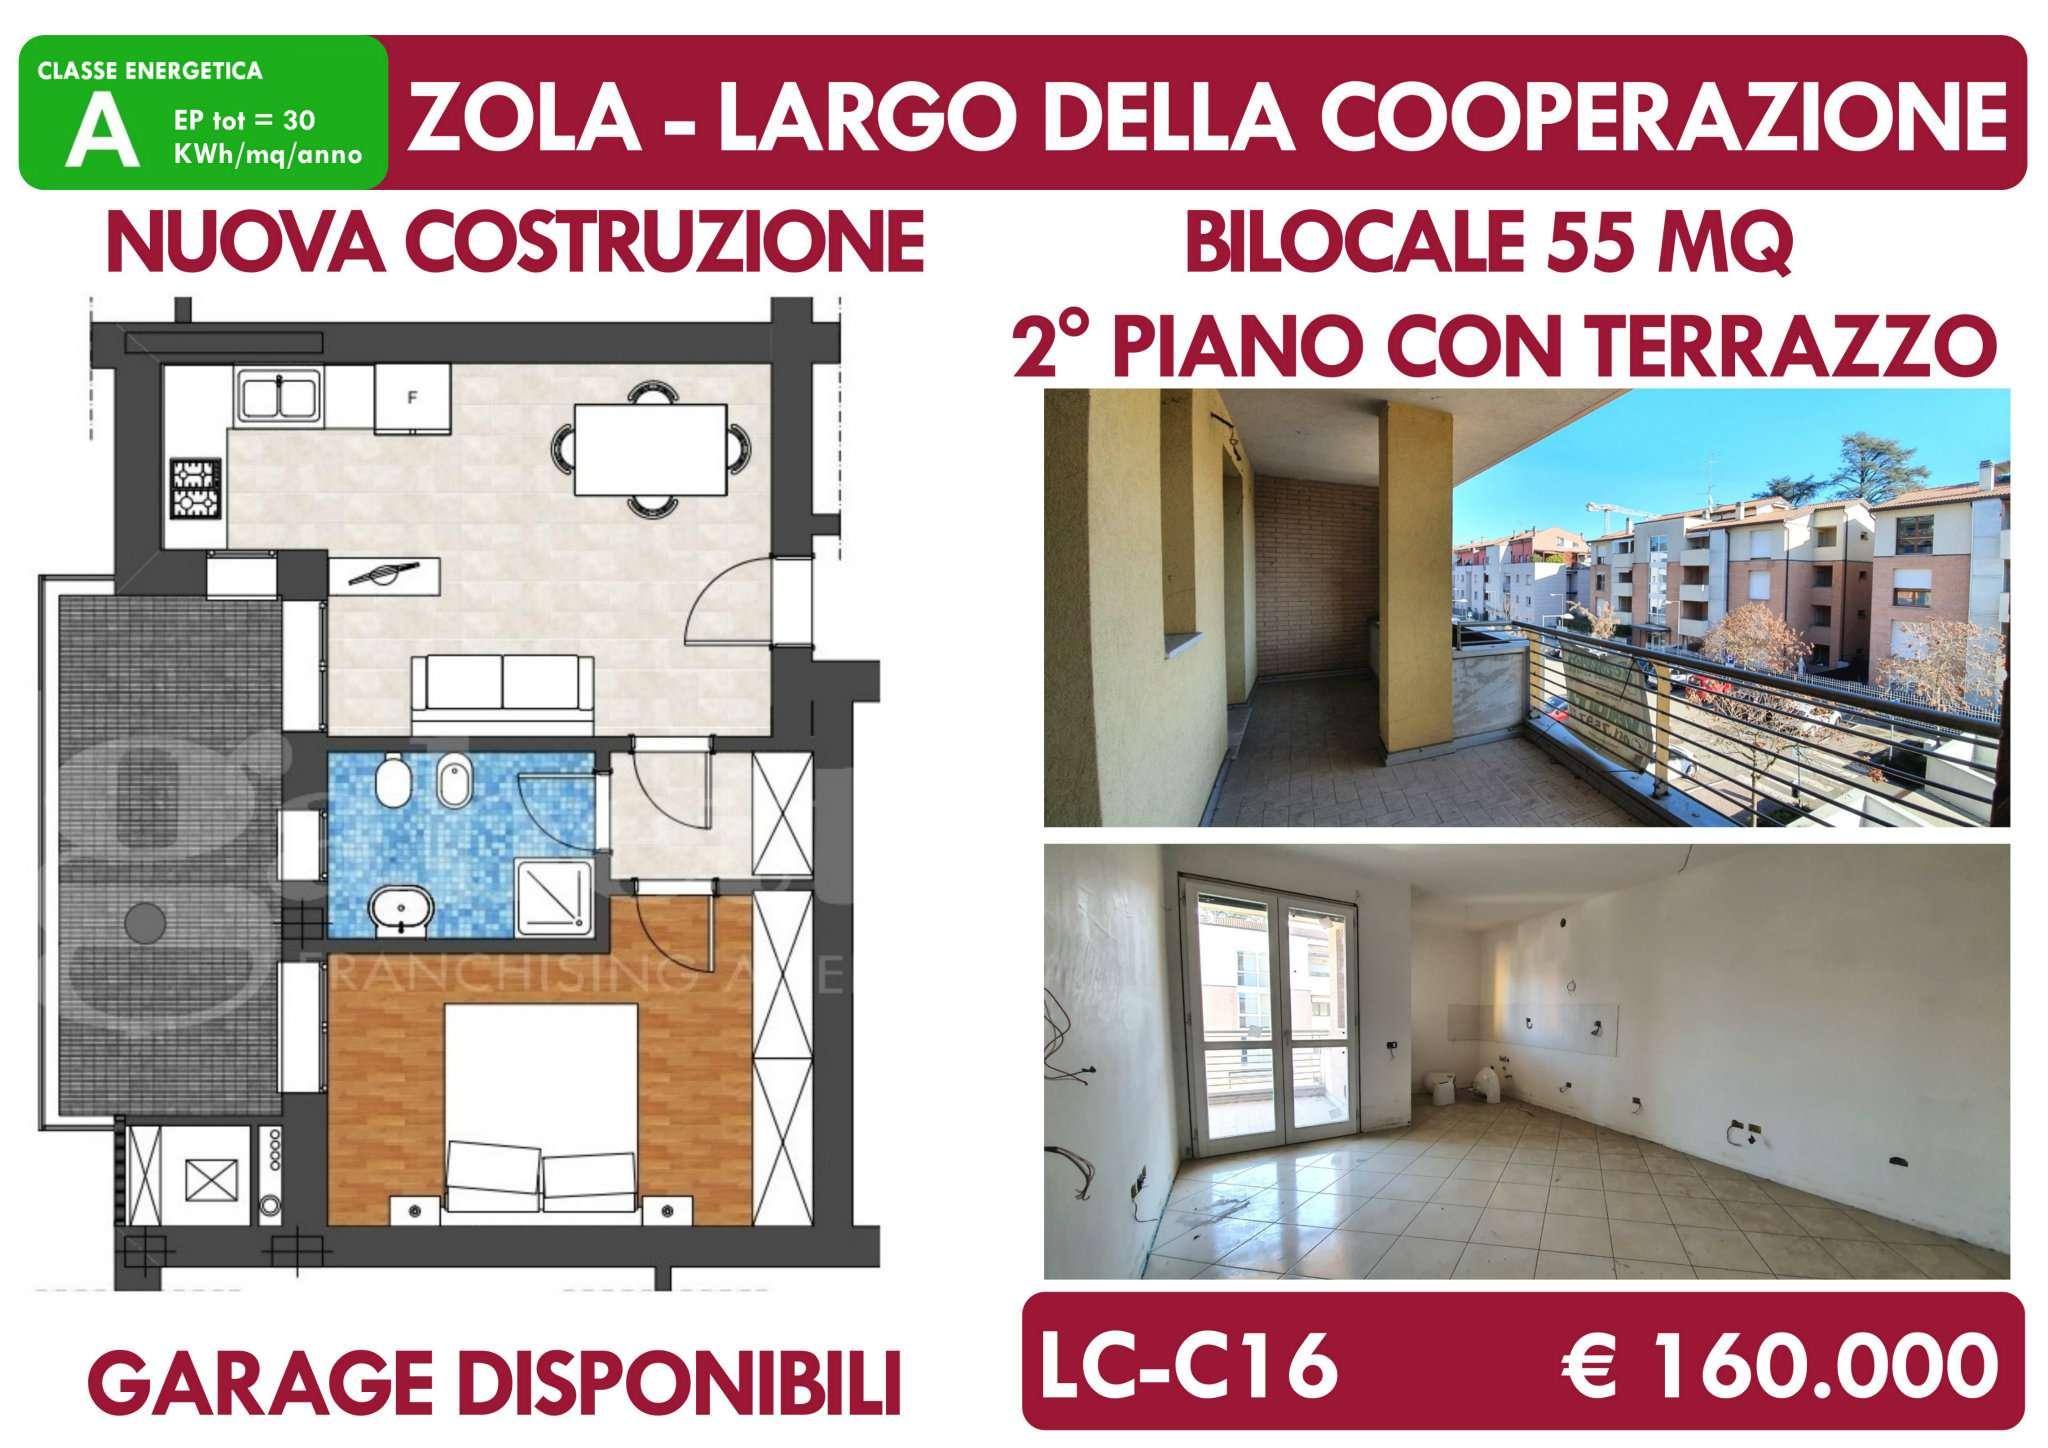 Appartamento in vendita a Zola Predosa, 2 locali, prezzo € 160.000 | PortaleAgenzieImmobiliari.it